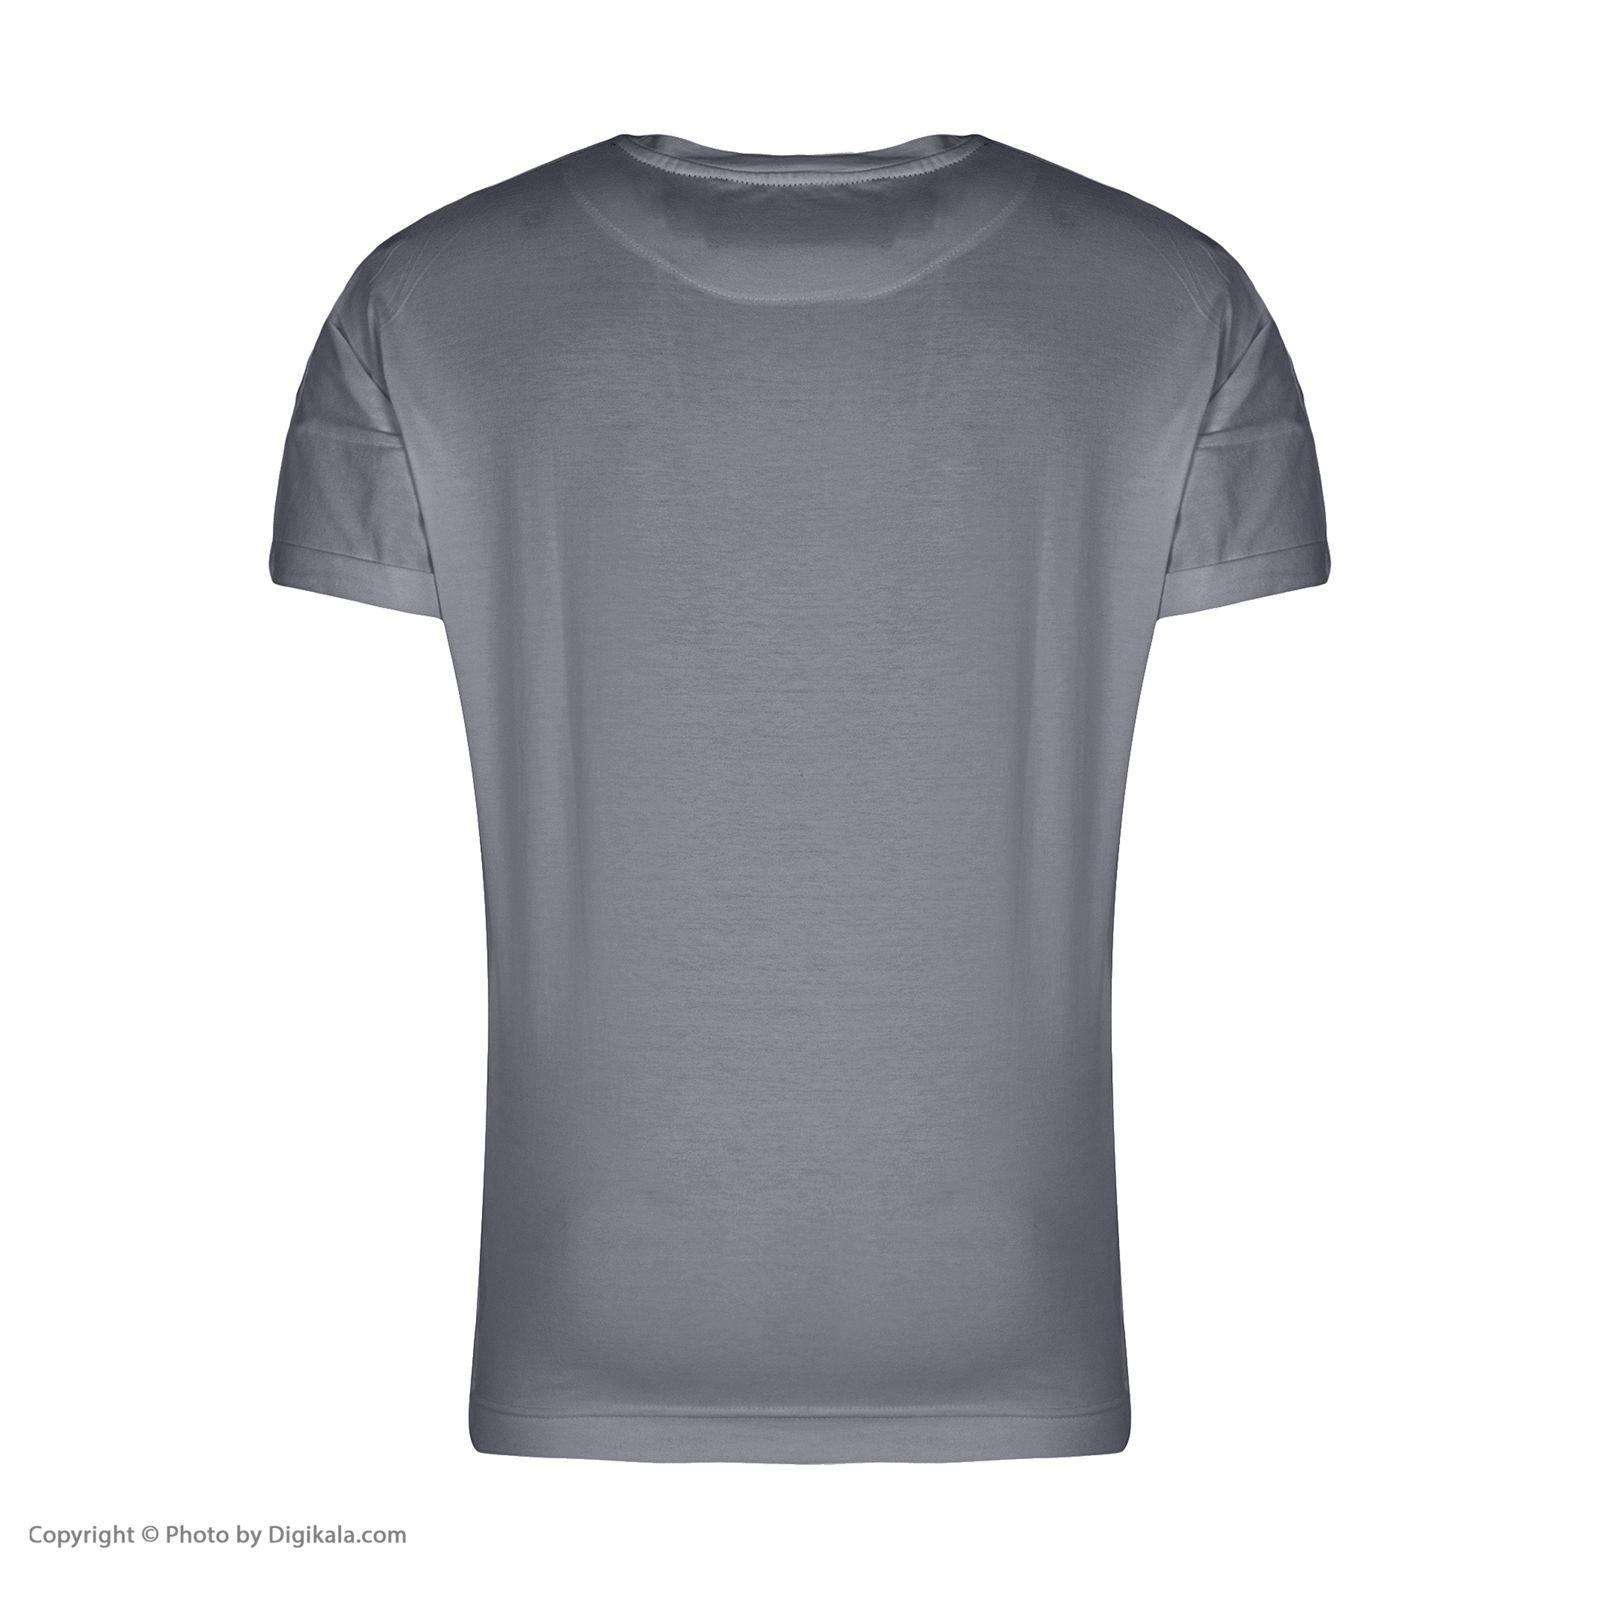 تیشرت آستین کوتاه مردانه گری مدل GW34 -  - 2